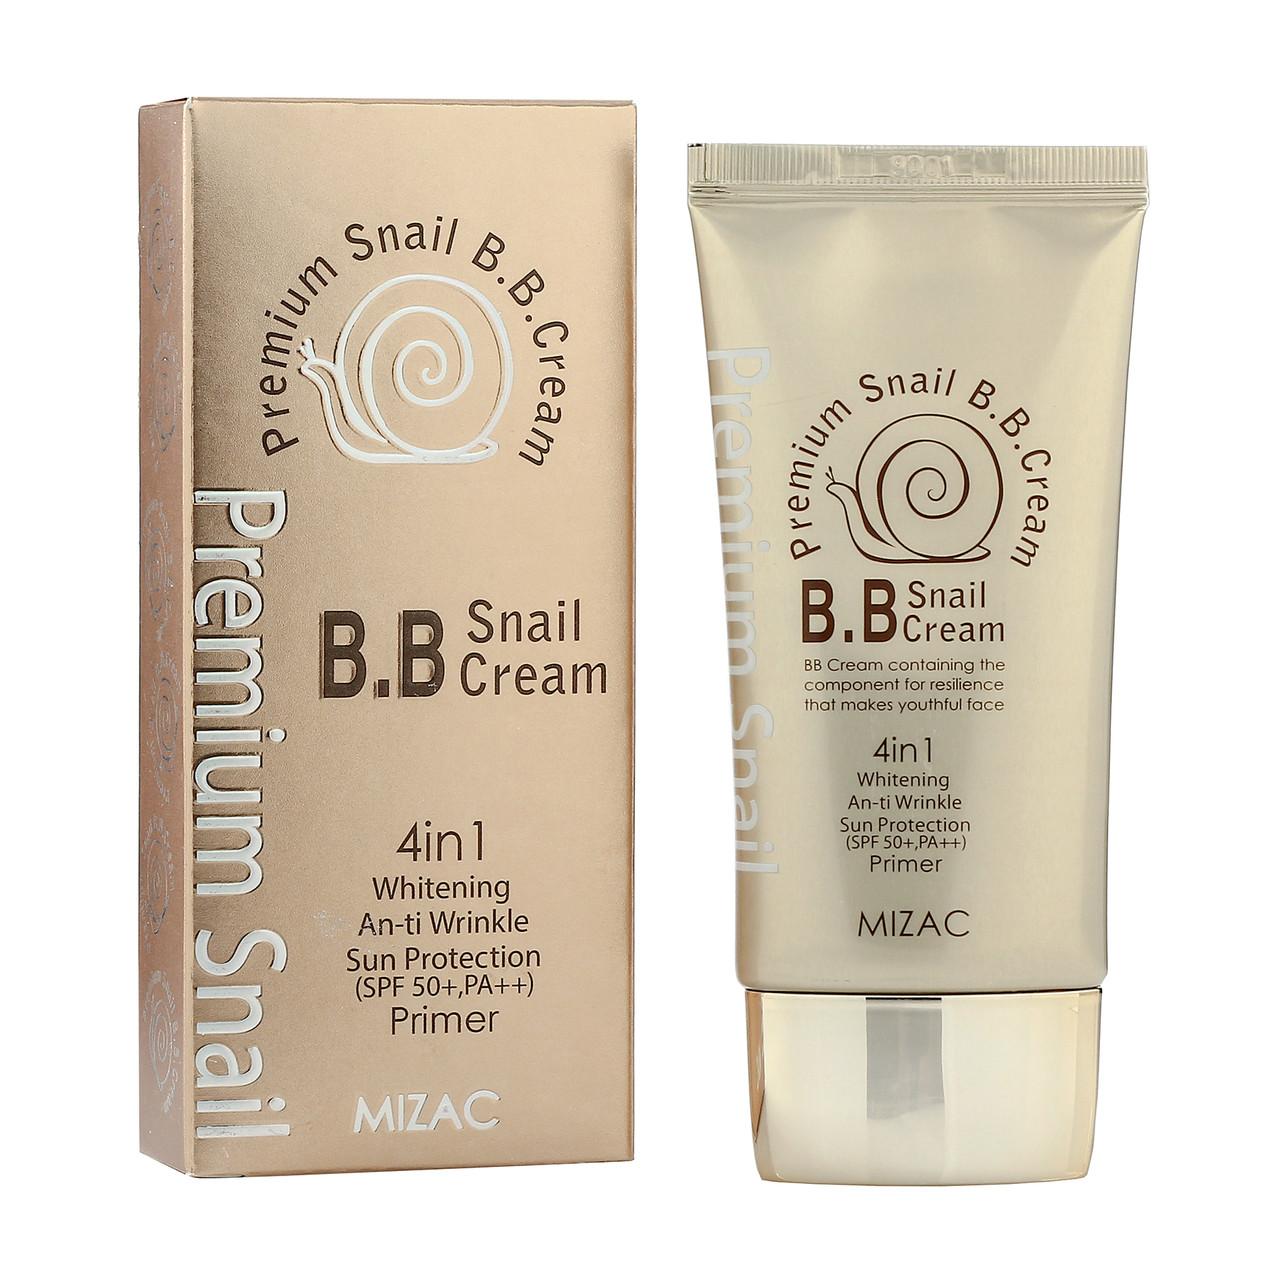 BB-крем Mizac Premium B.B. Cream 4 in 1 примятая упаковка